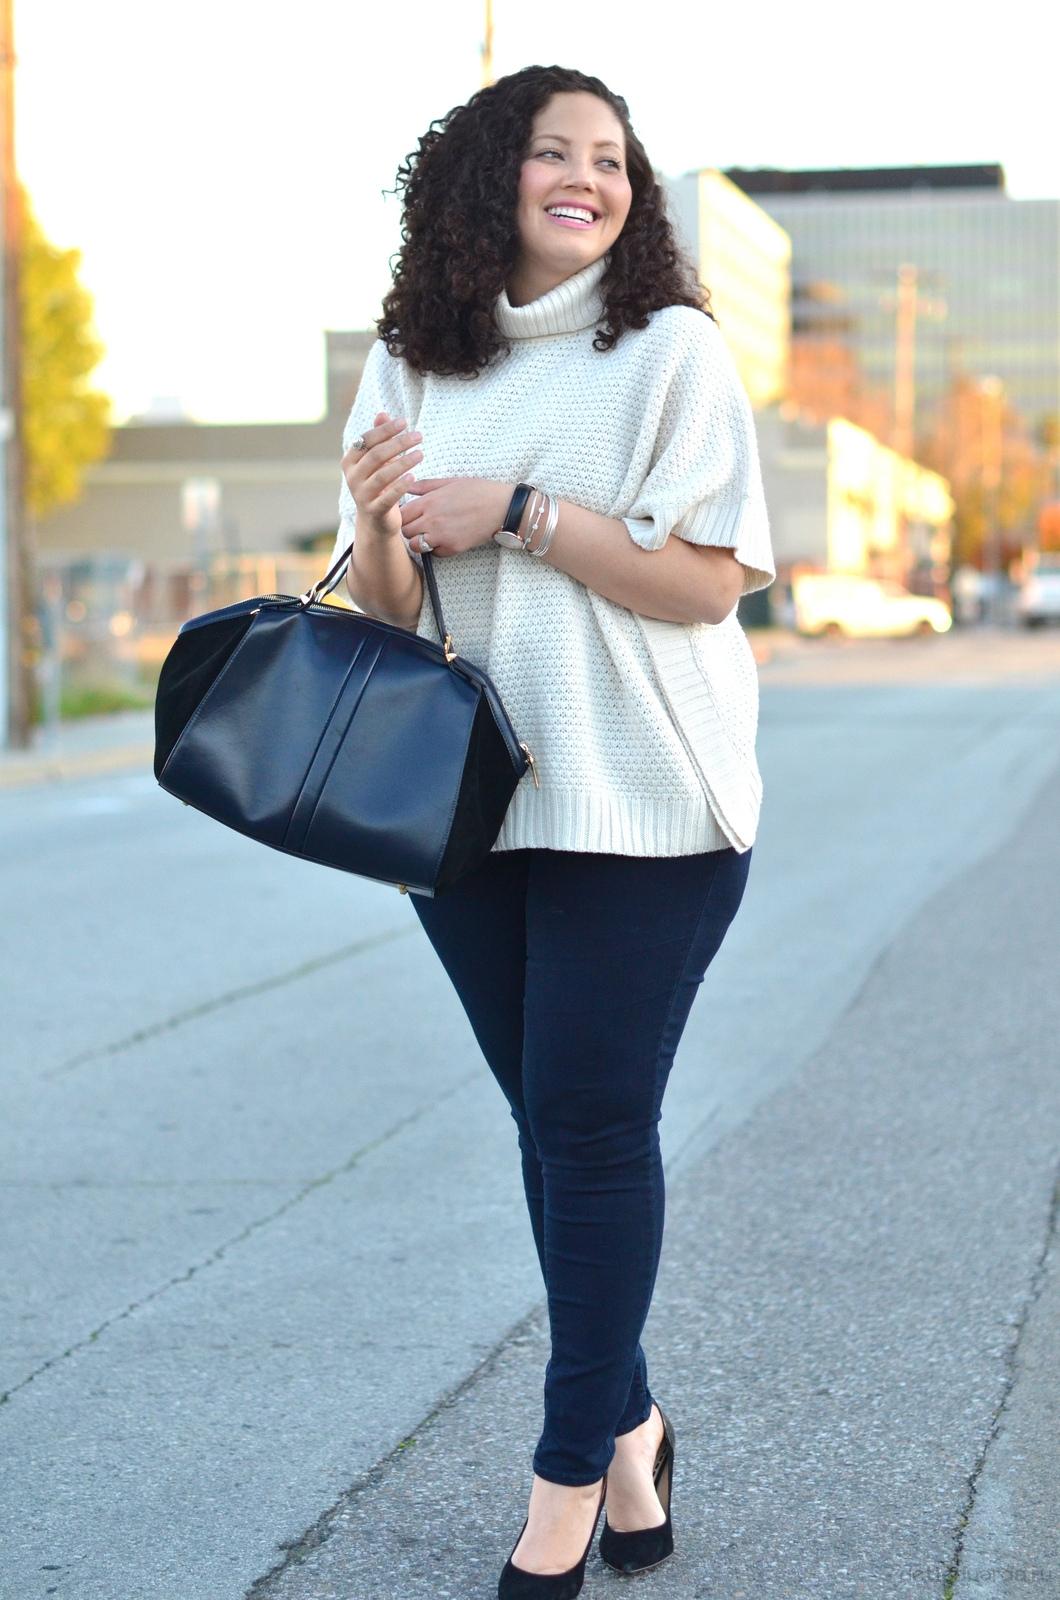 Фото как одеть элегантно полноватую девушку